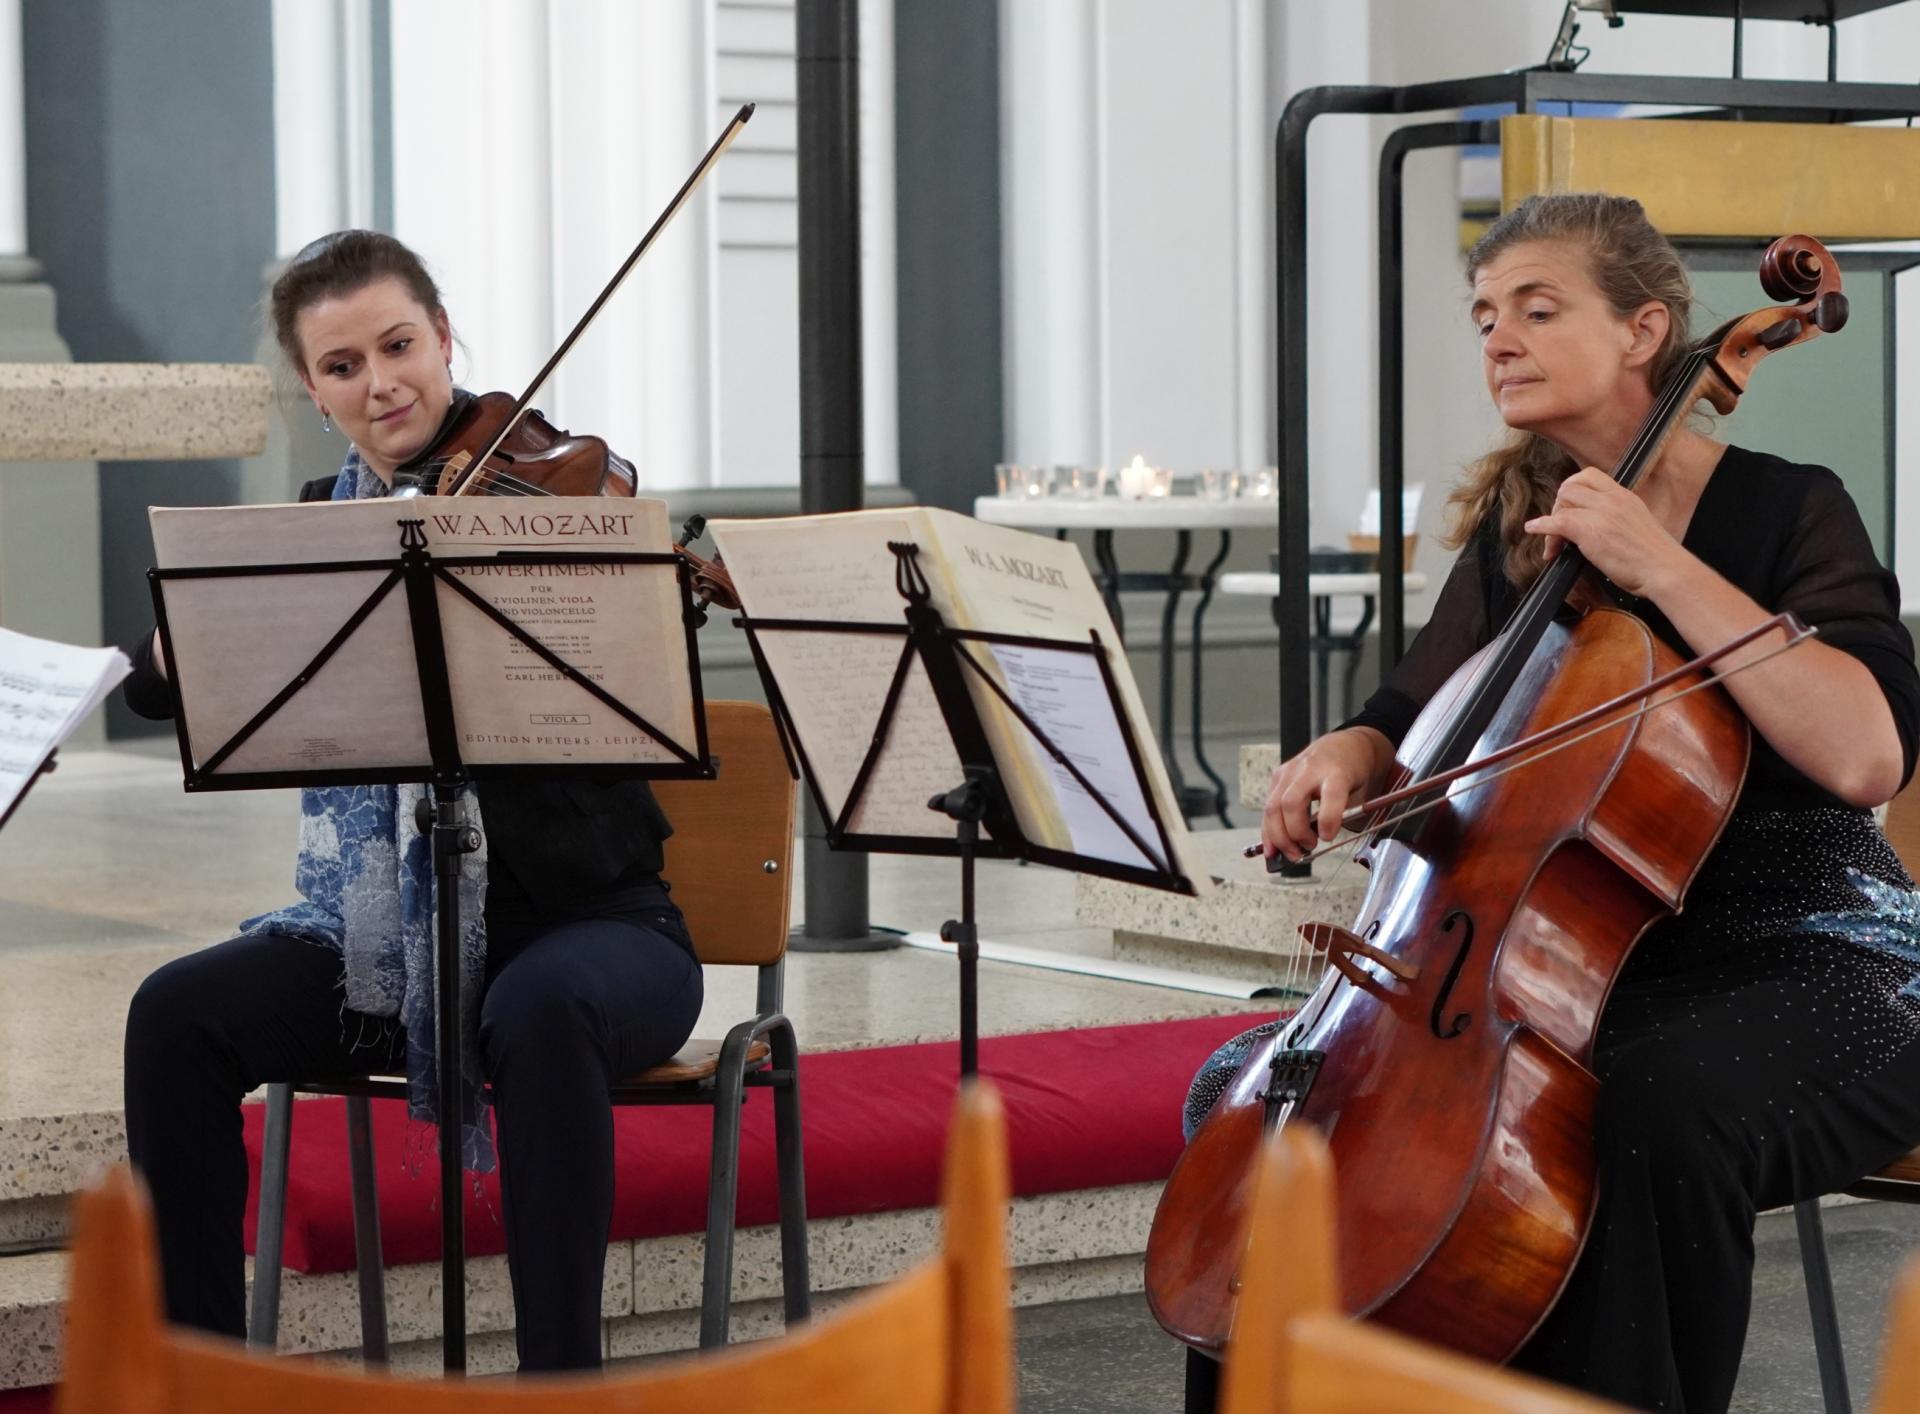 Quartett der Komischen Oper - Bratsche und Cello